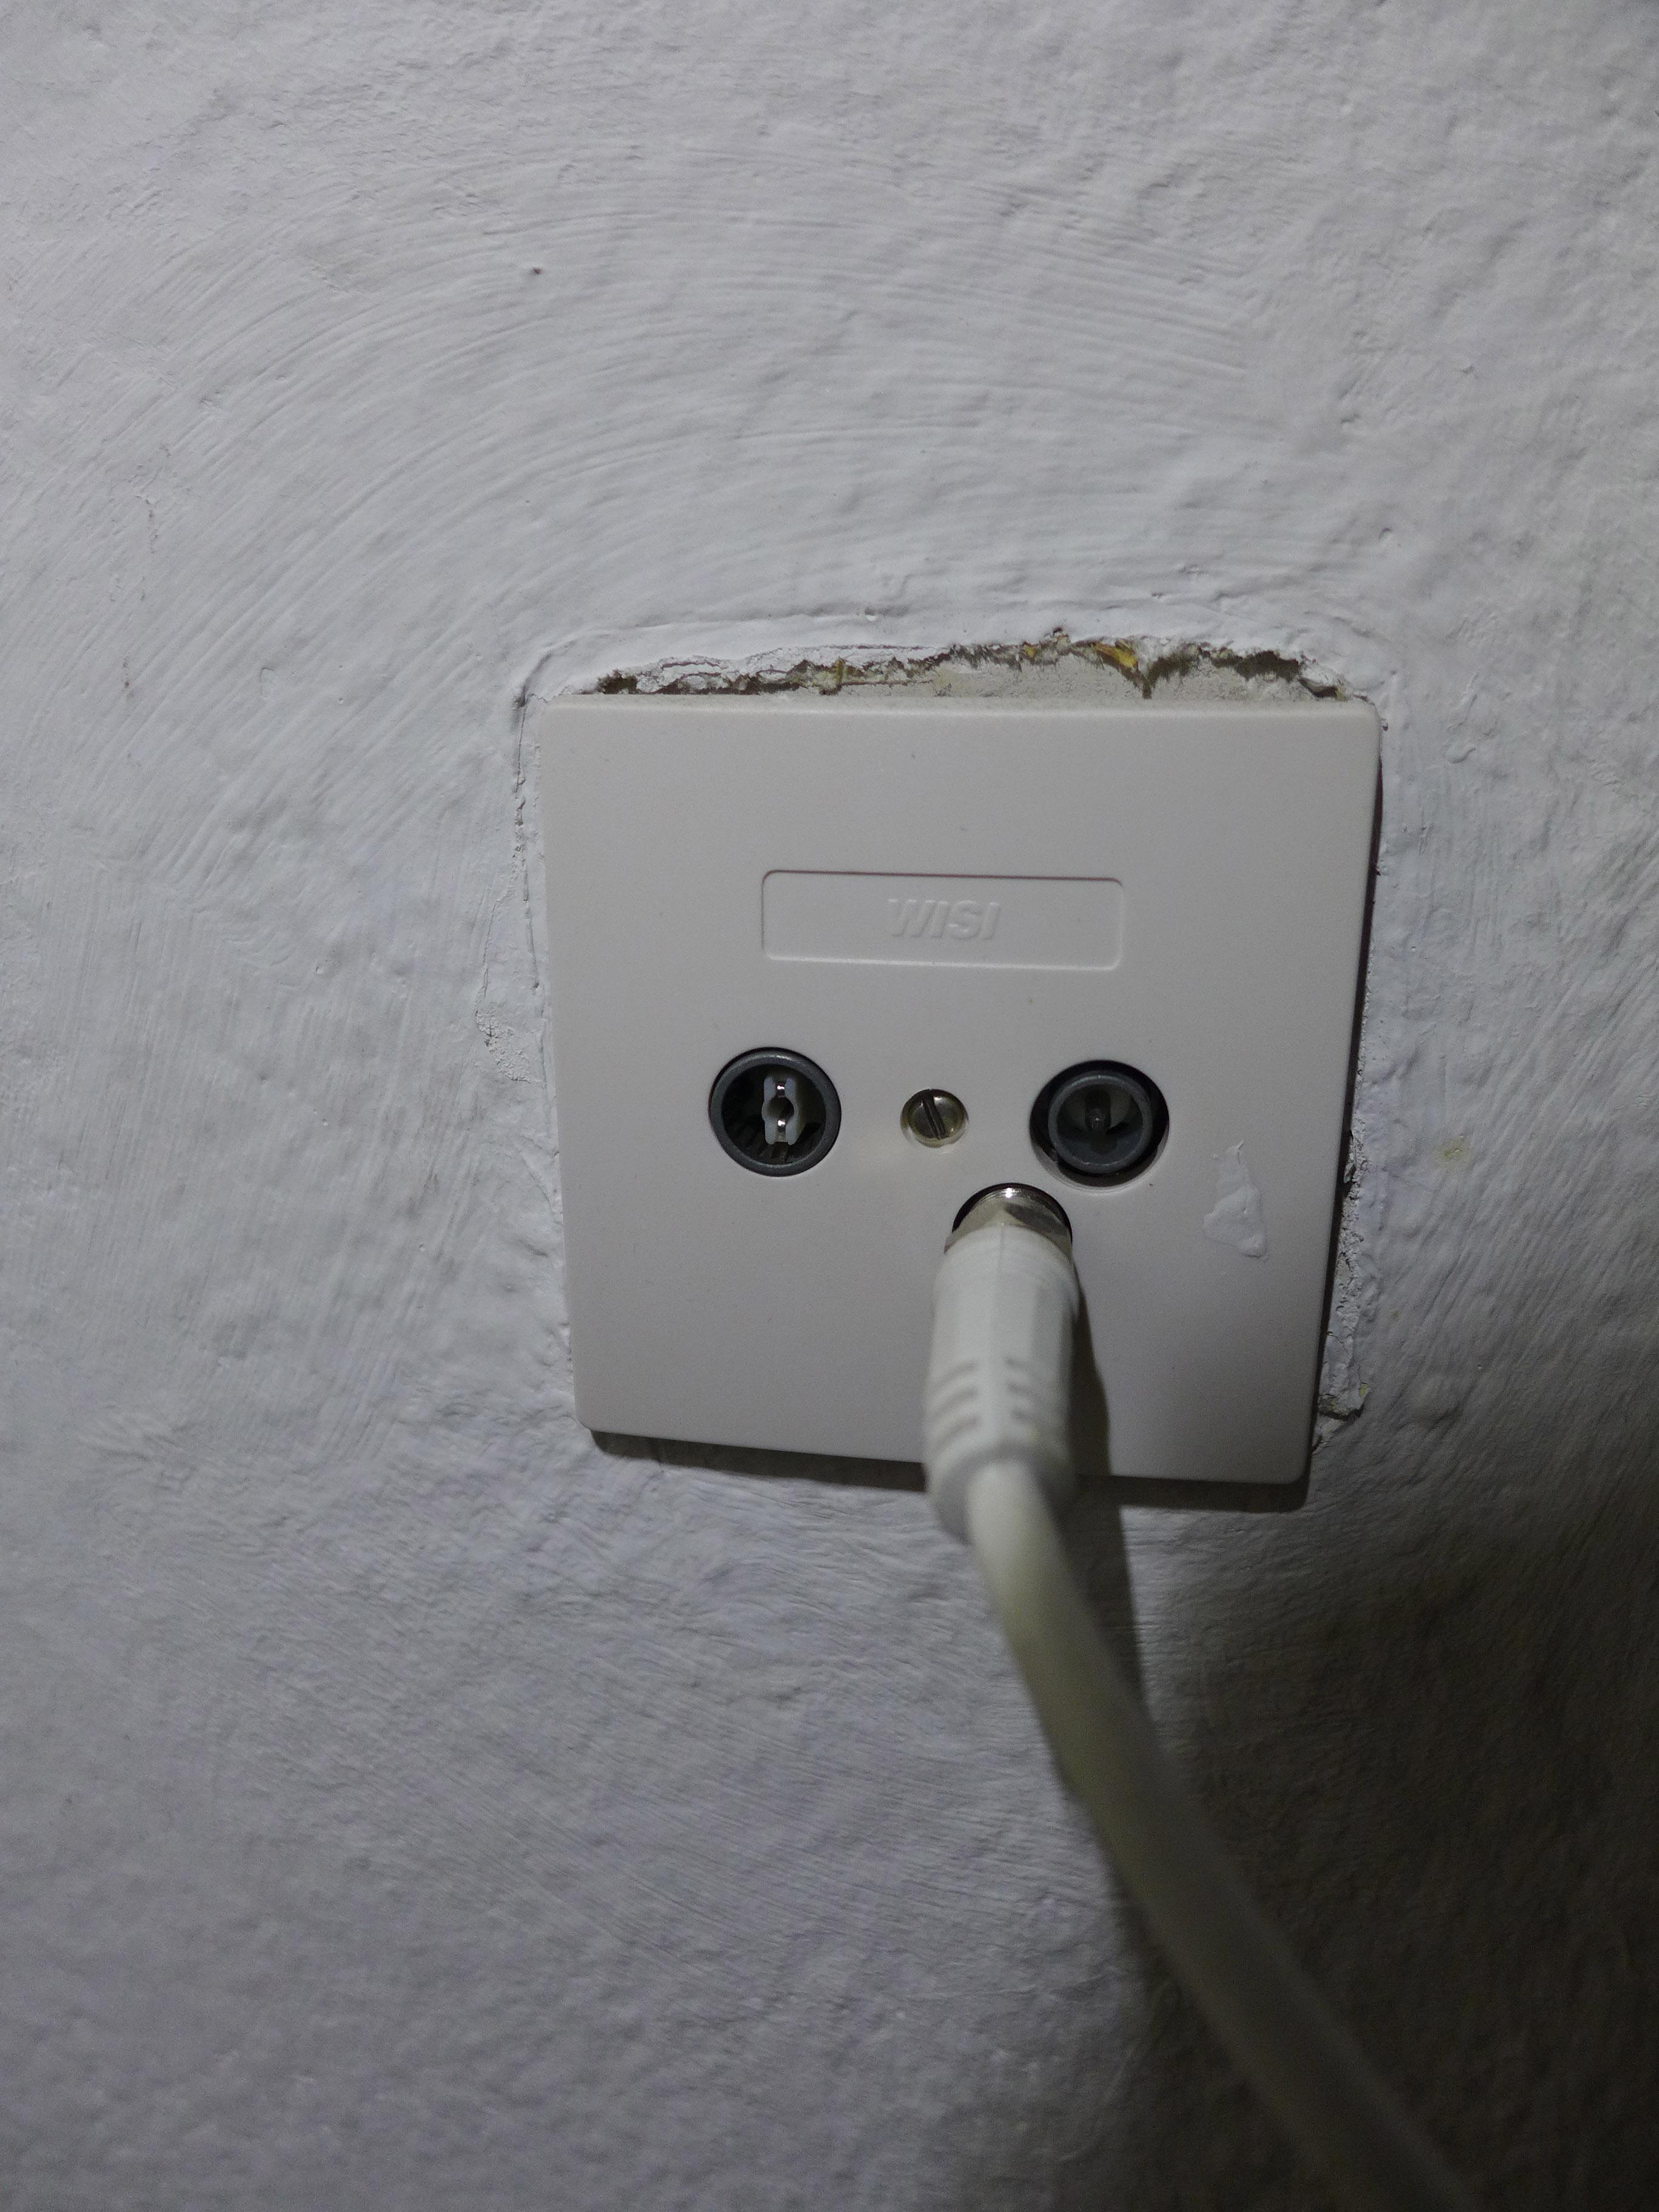 welchen anschluss welches kabel f r tv n tig fernsehen. Black Bedroom Furniture Sets. Home Design Ideas